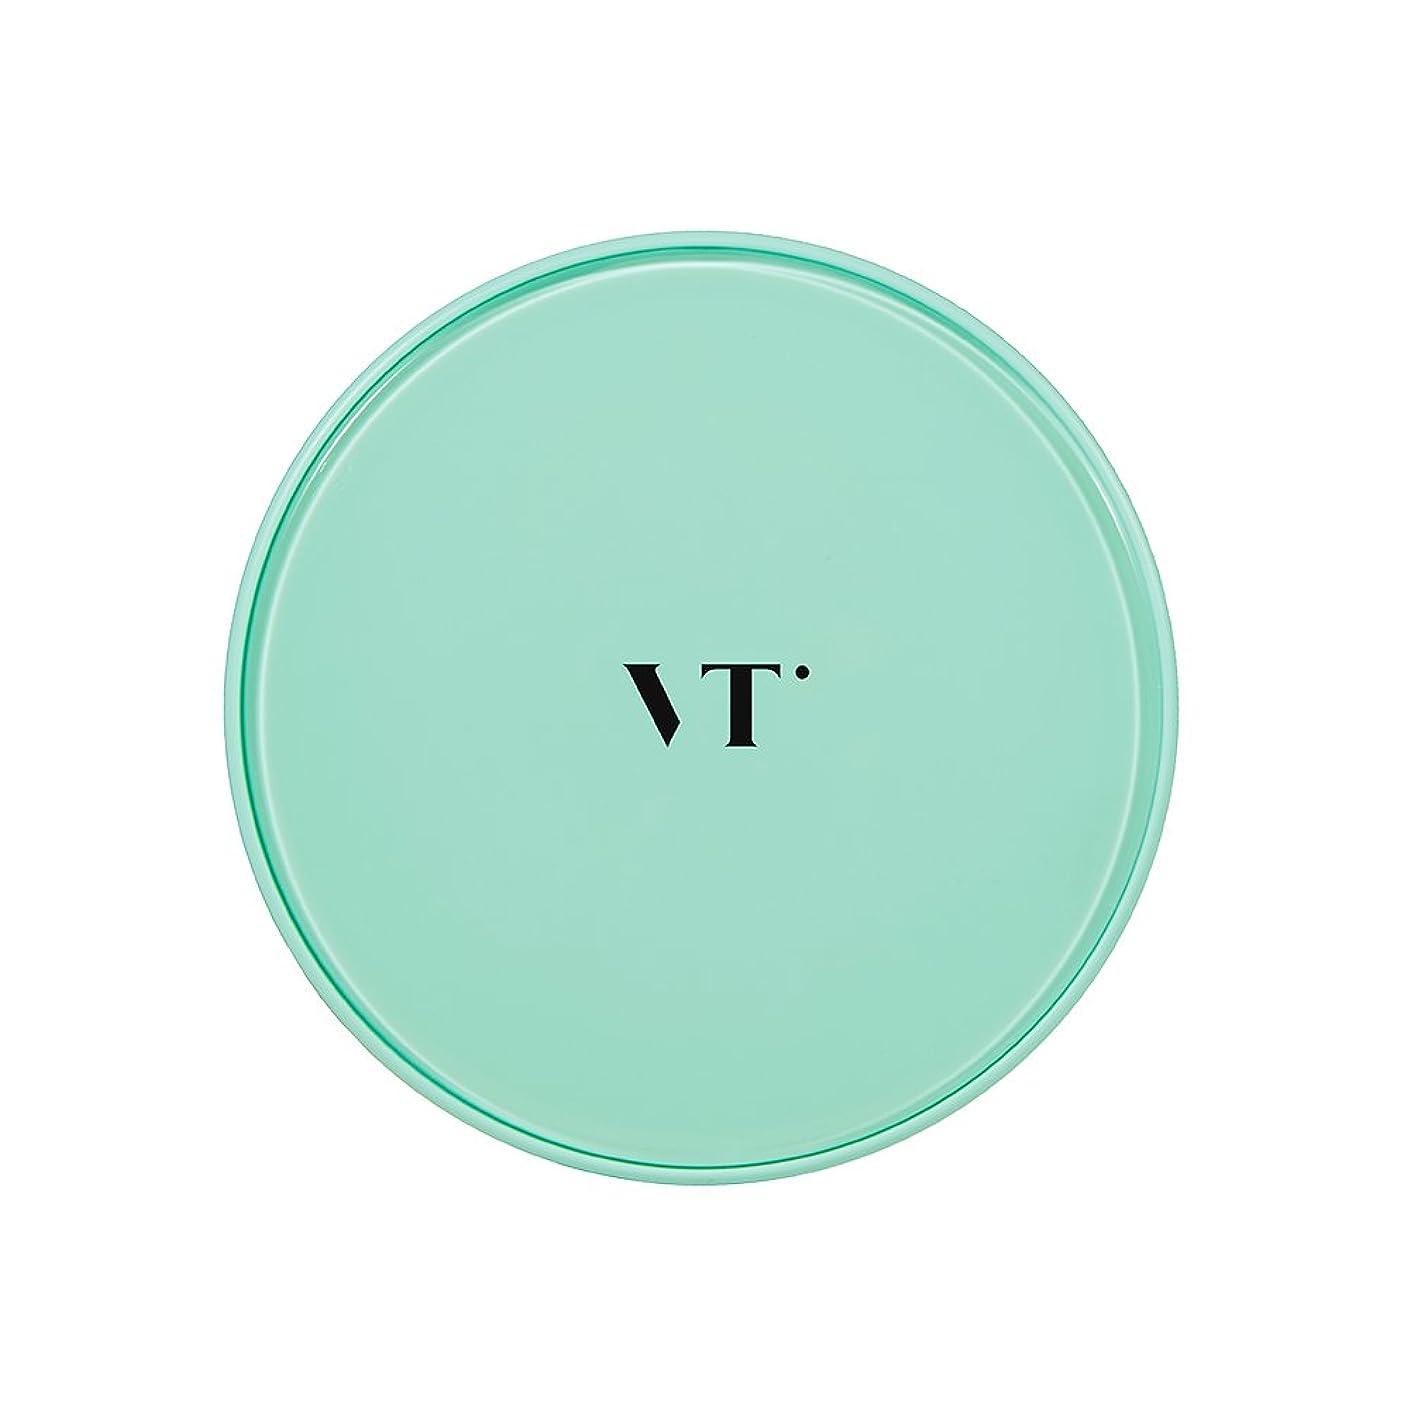 不良洗う誓いVT フィト立ったクッション SPF50+ PA++++ 11g/VT Phyto Sun Cushion [並行輸入品]